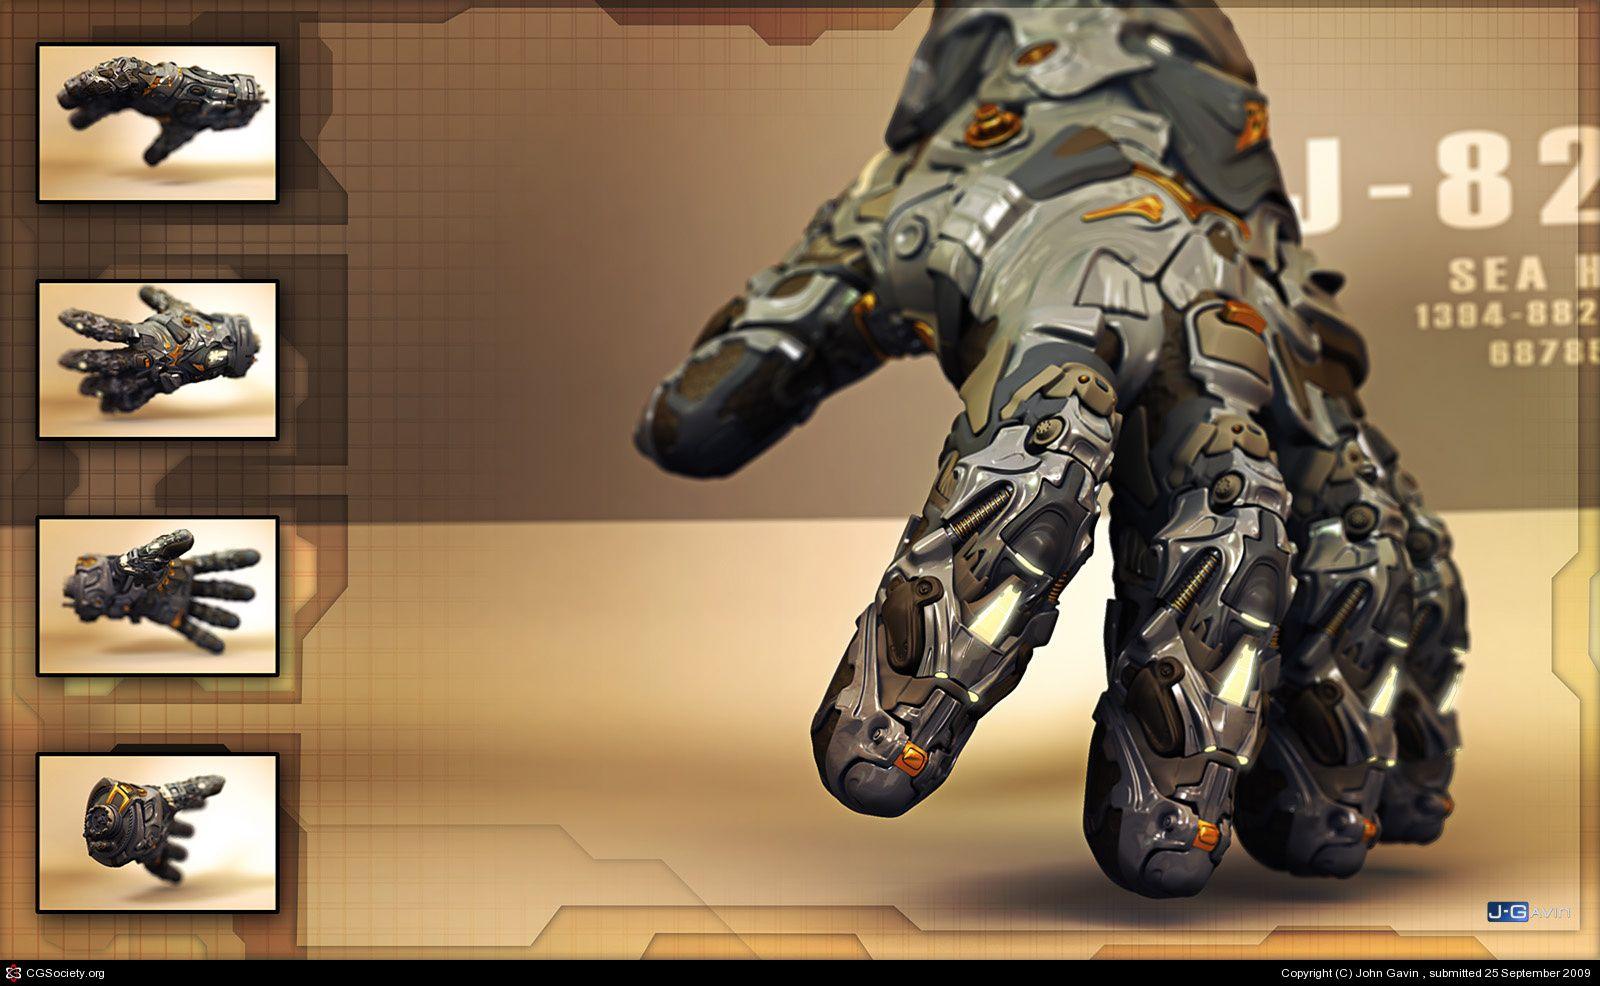 Tech-Glove by John Gavin | 3D | CGSociety